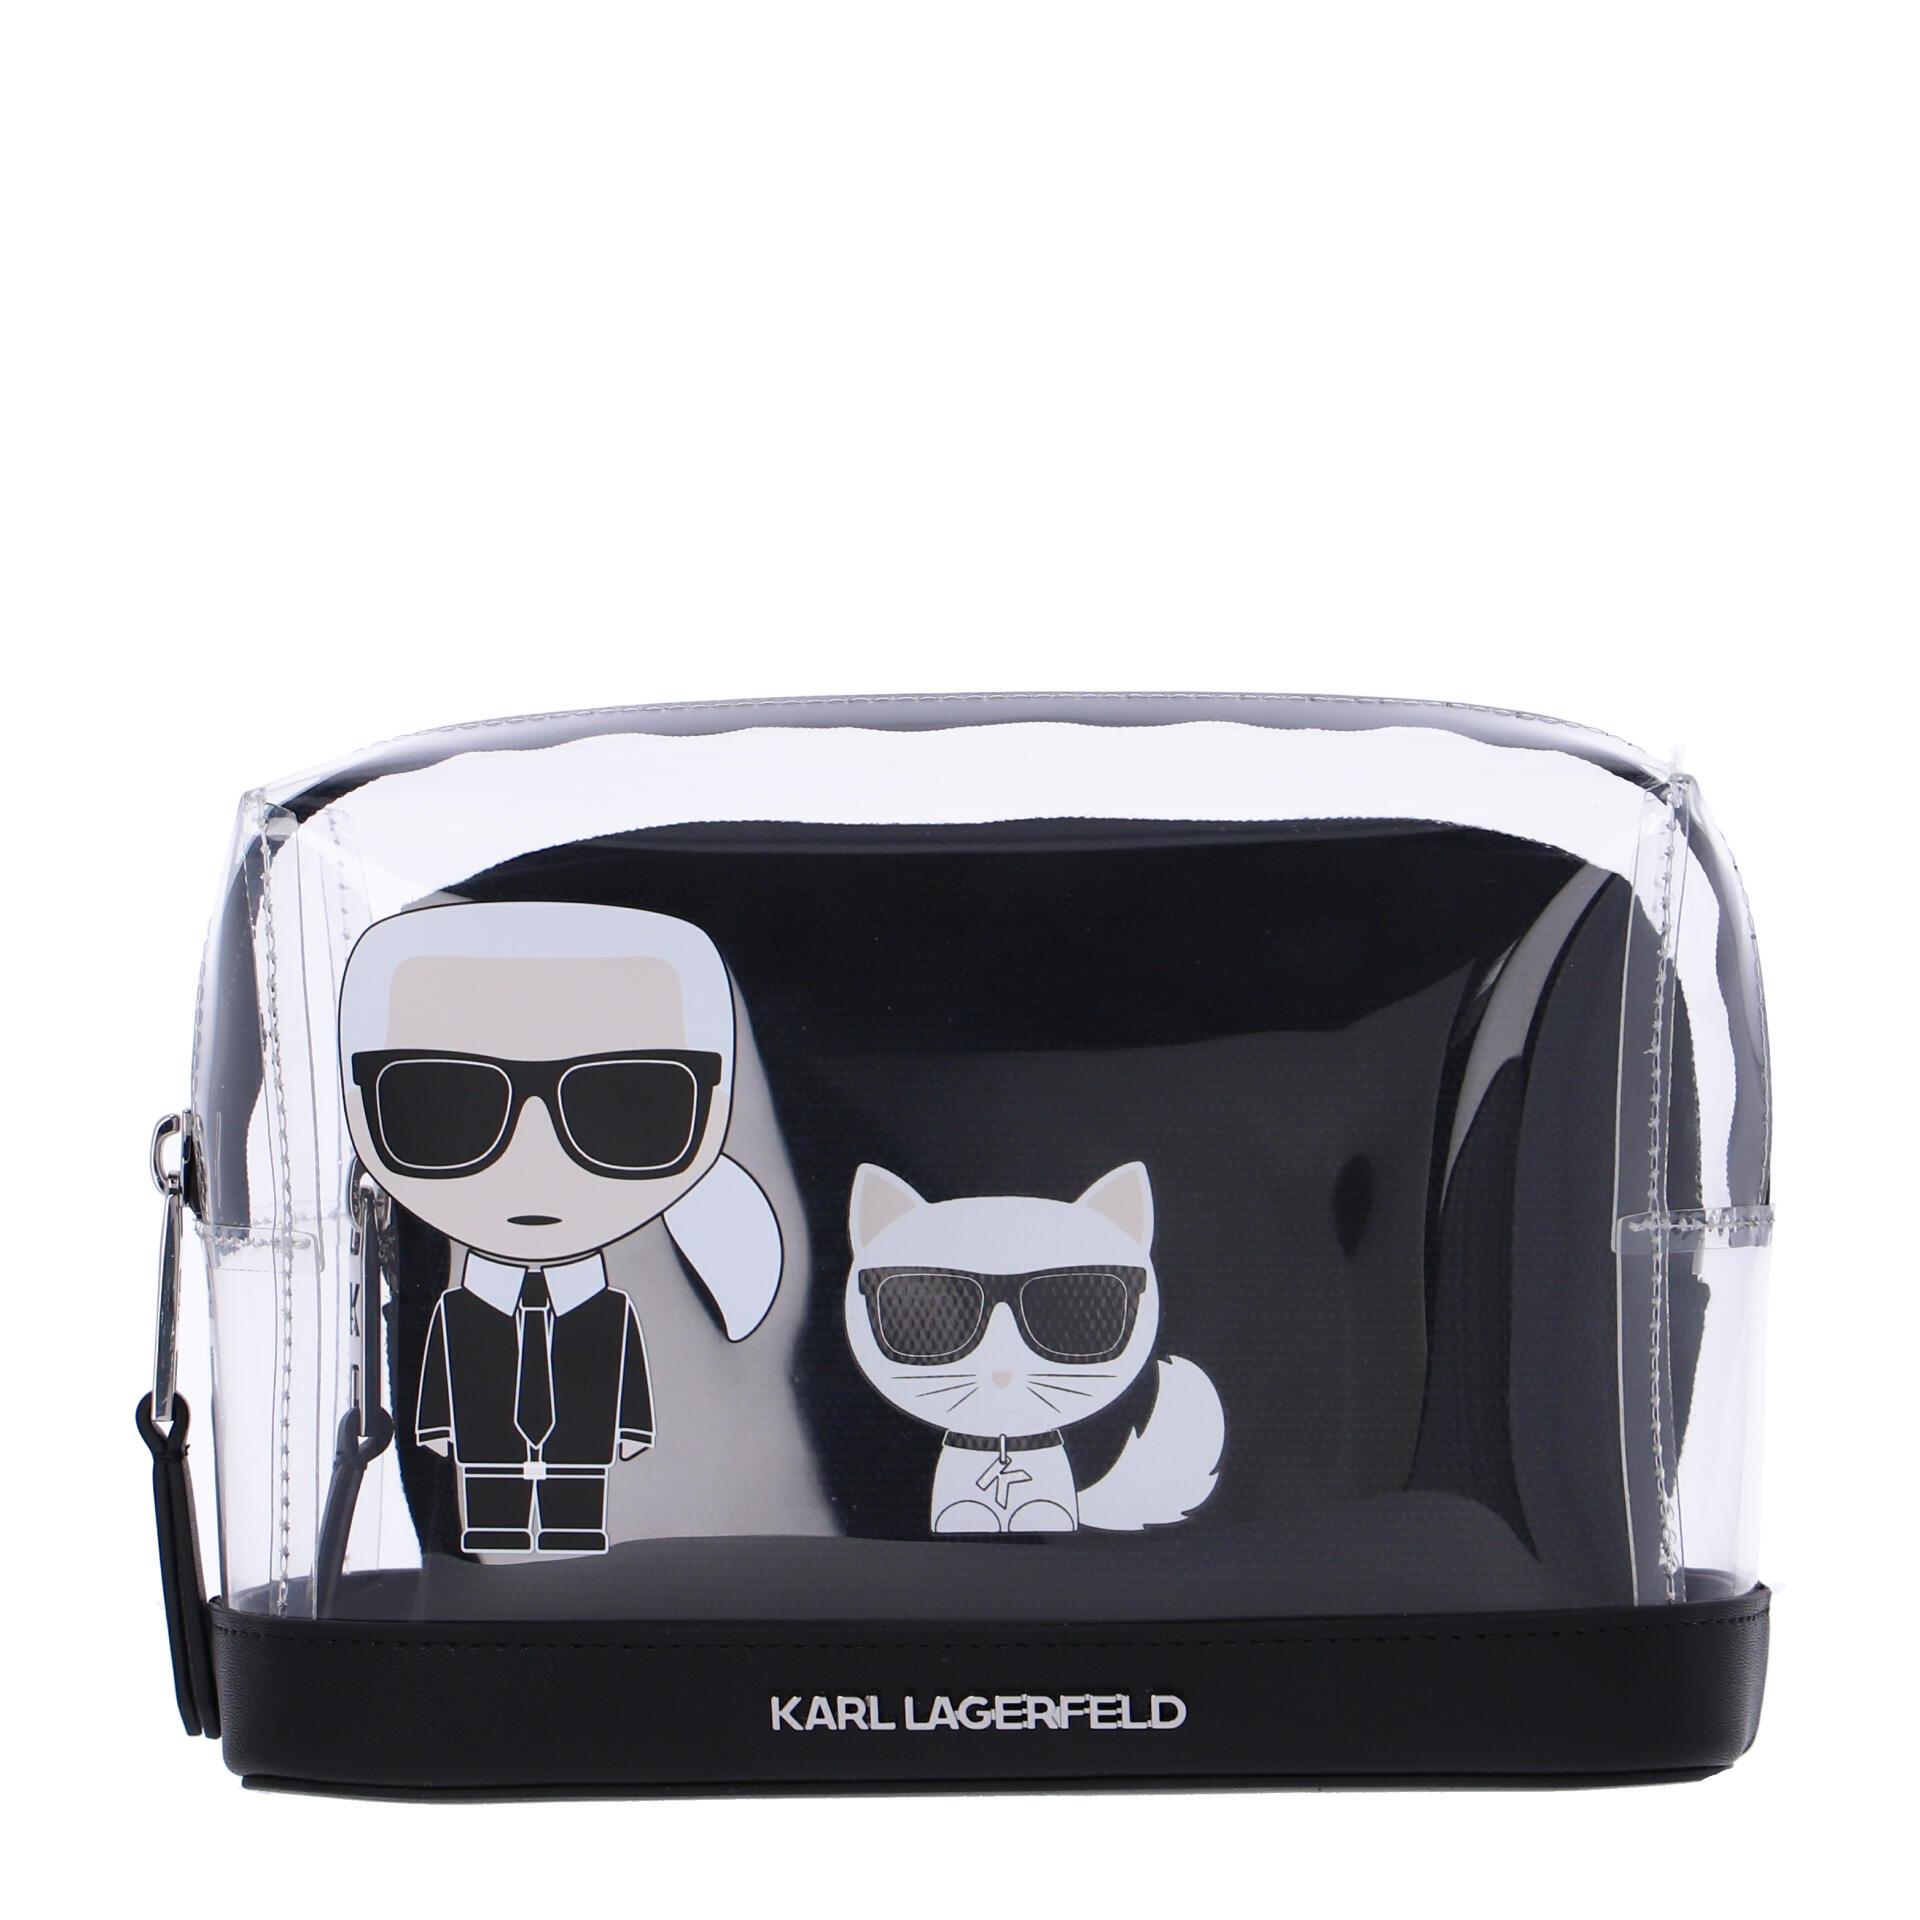 Karl Lagerfeld K/Ikonik Kosmetiktasche transparent